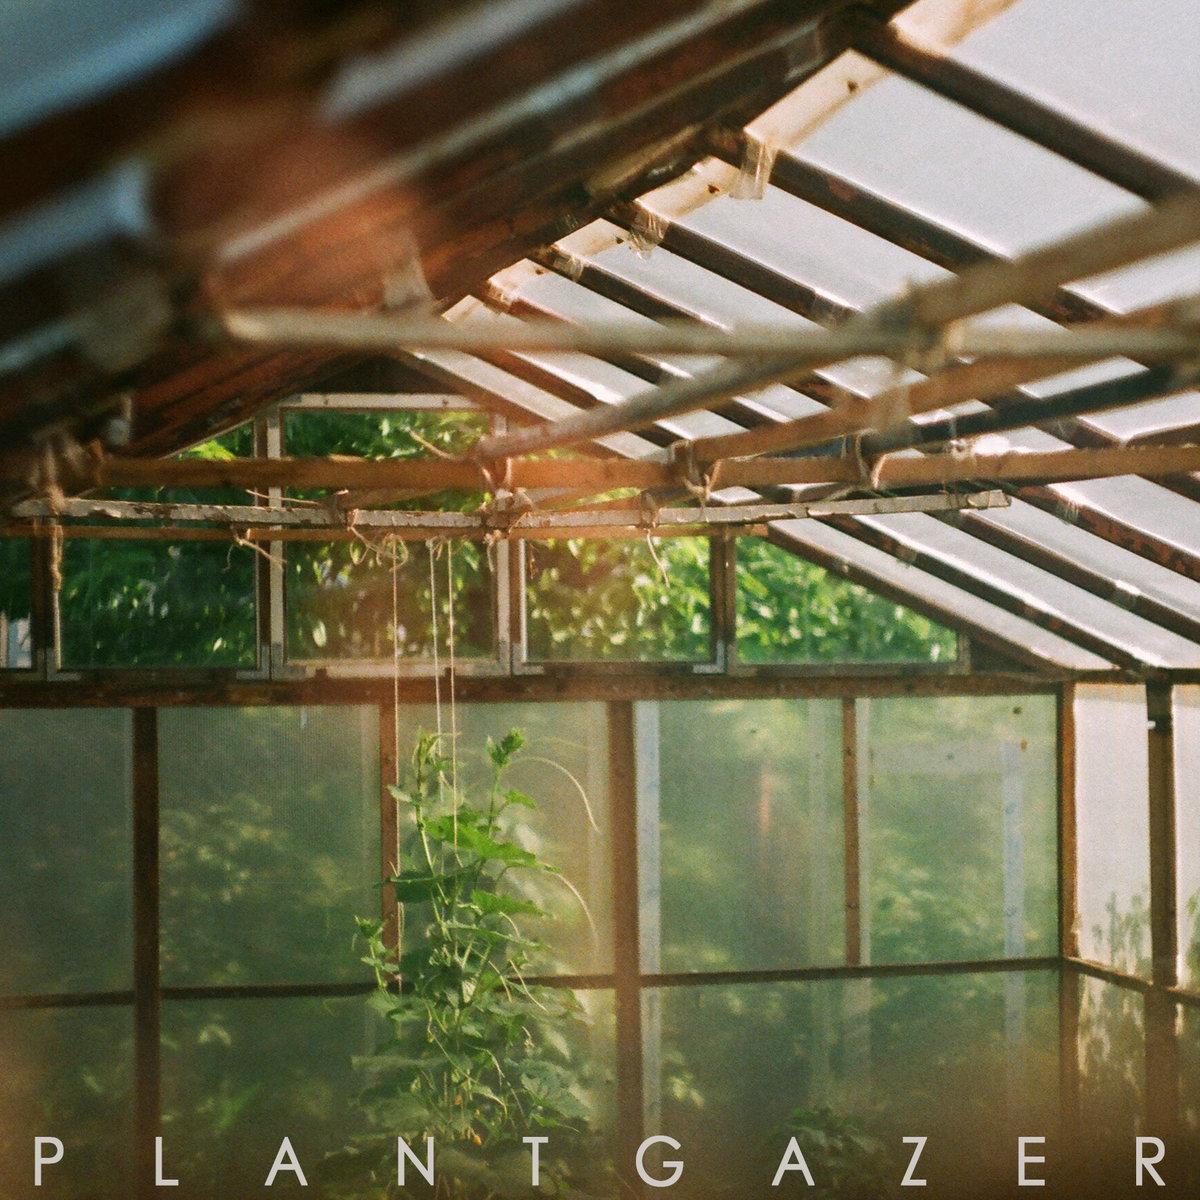 Plantgazer | Show Me a Dinosaur